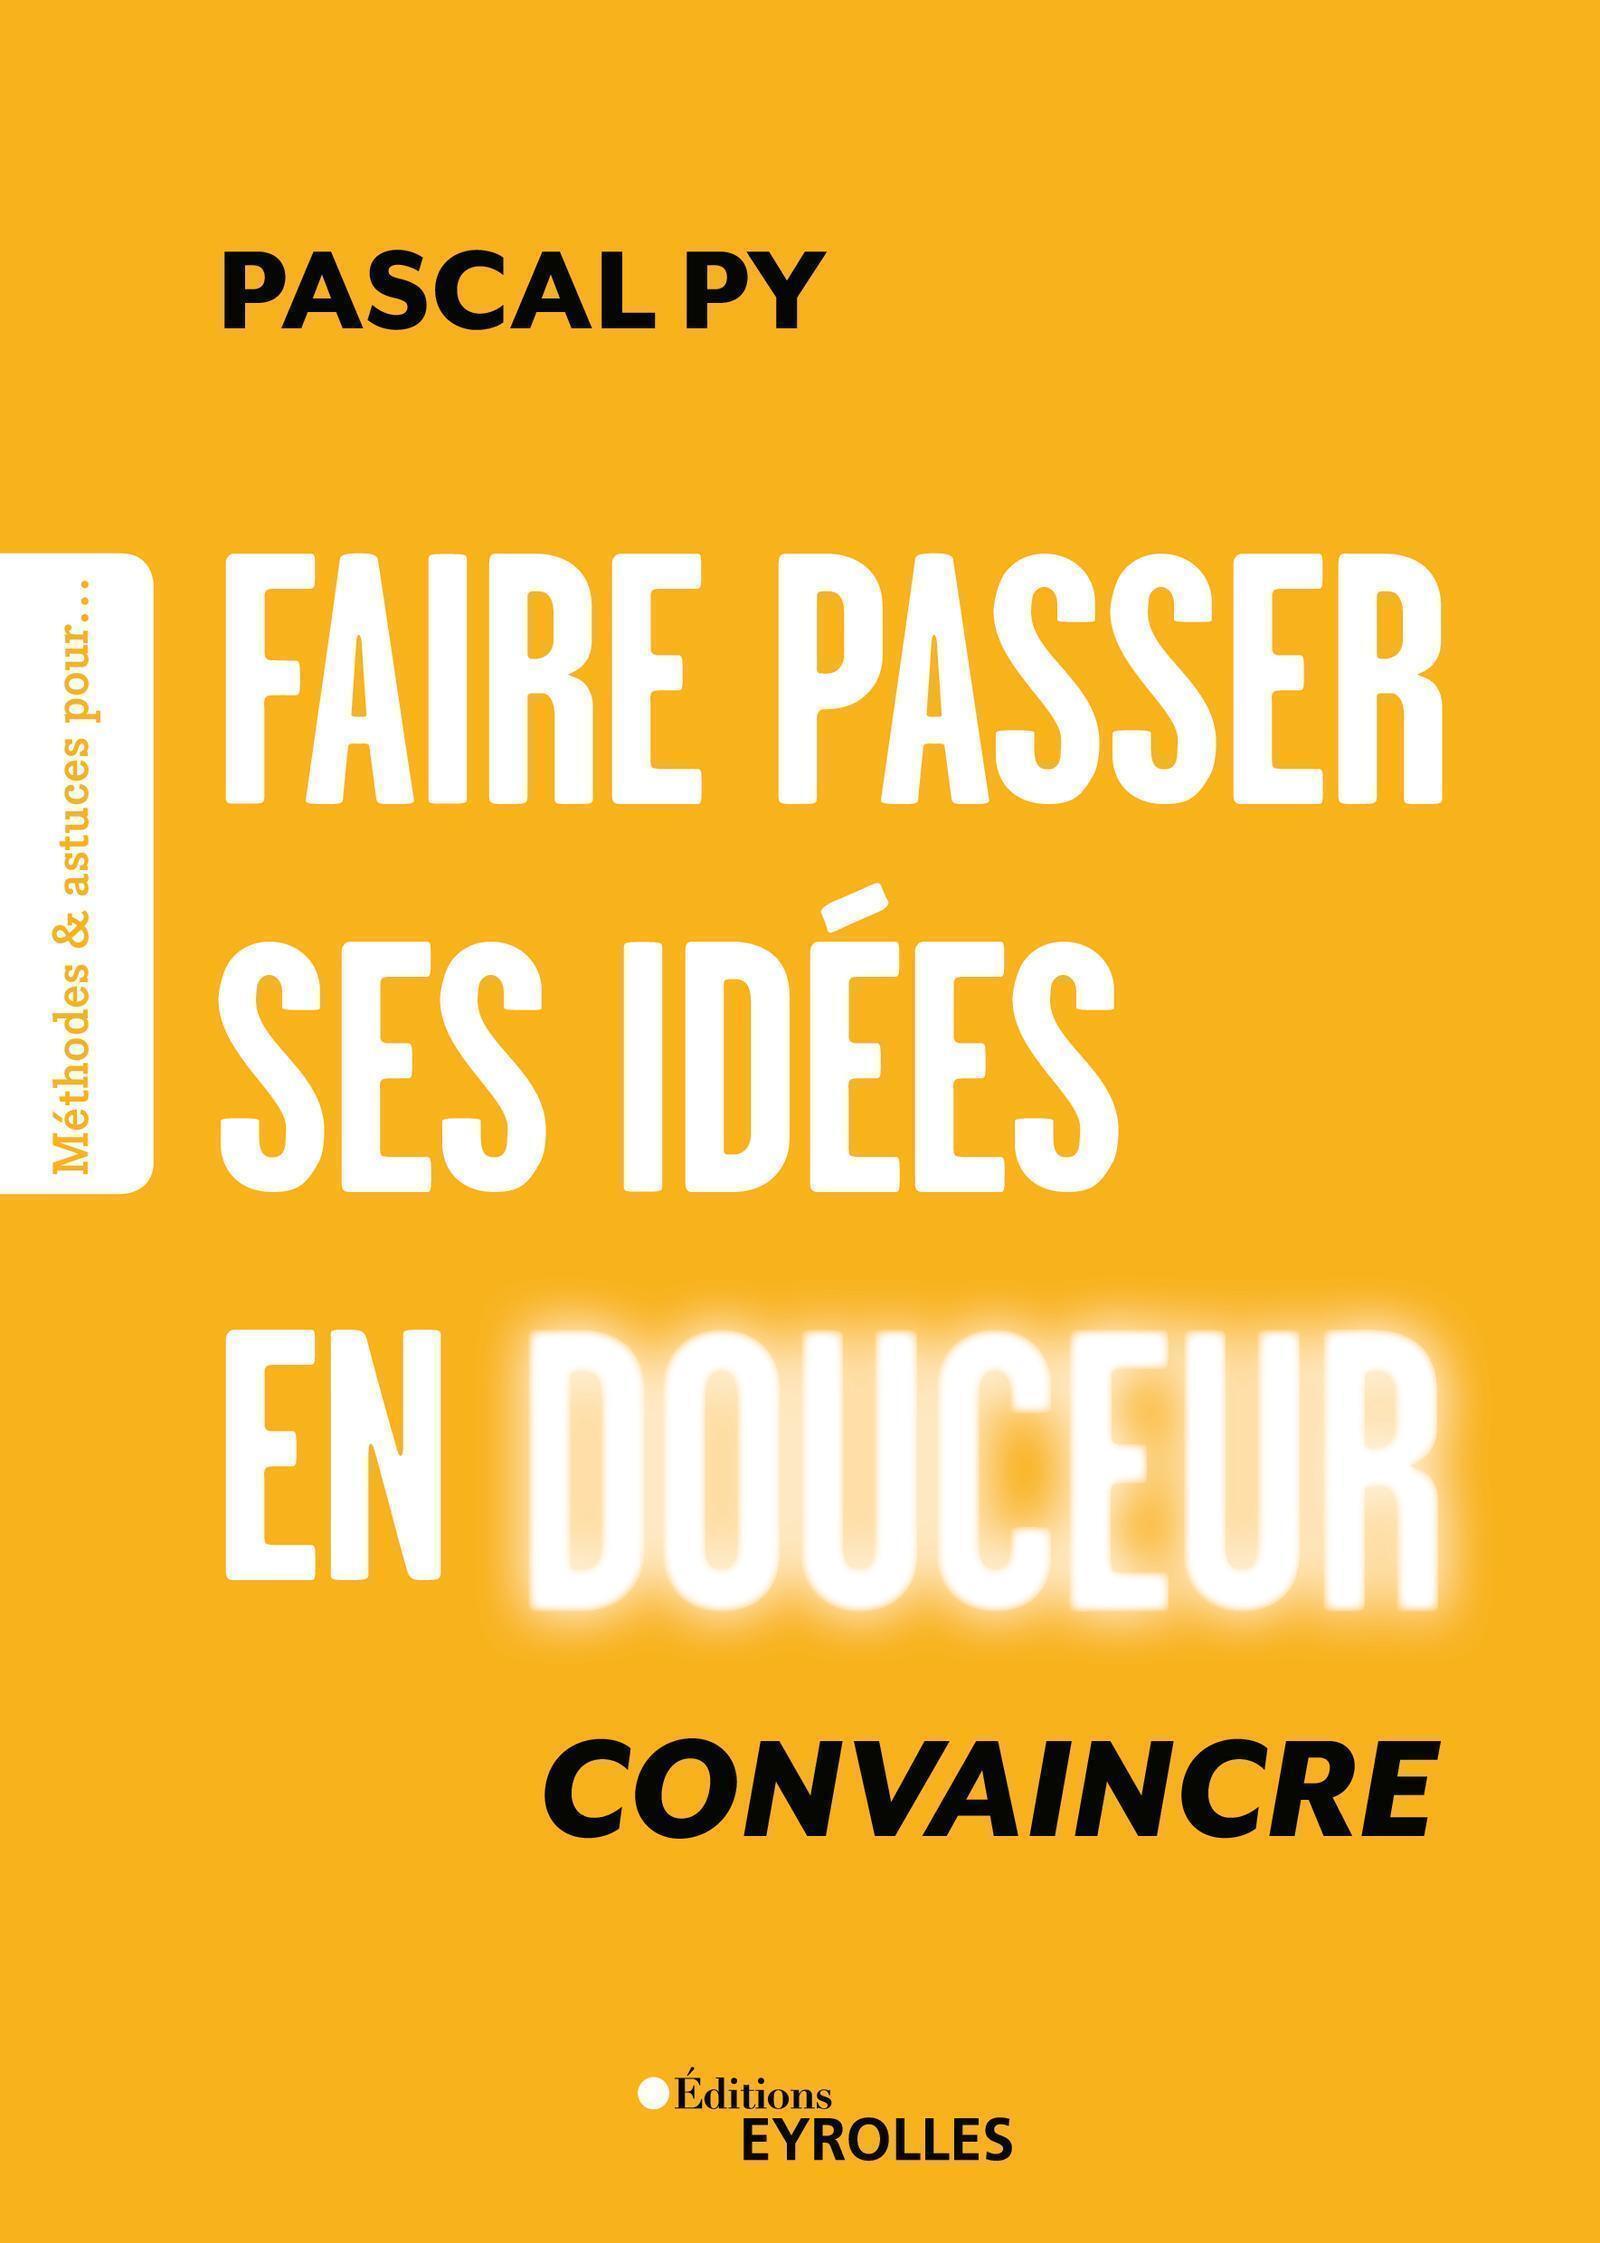 FAIRE PASSER SES IDEES EN DOUCEUR - CONVAINCRE